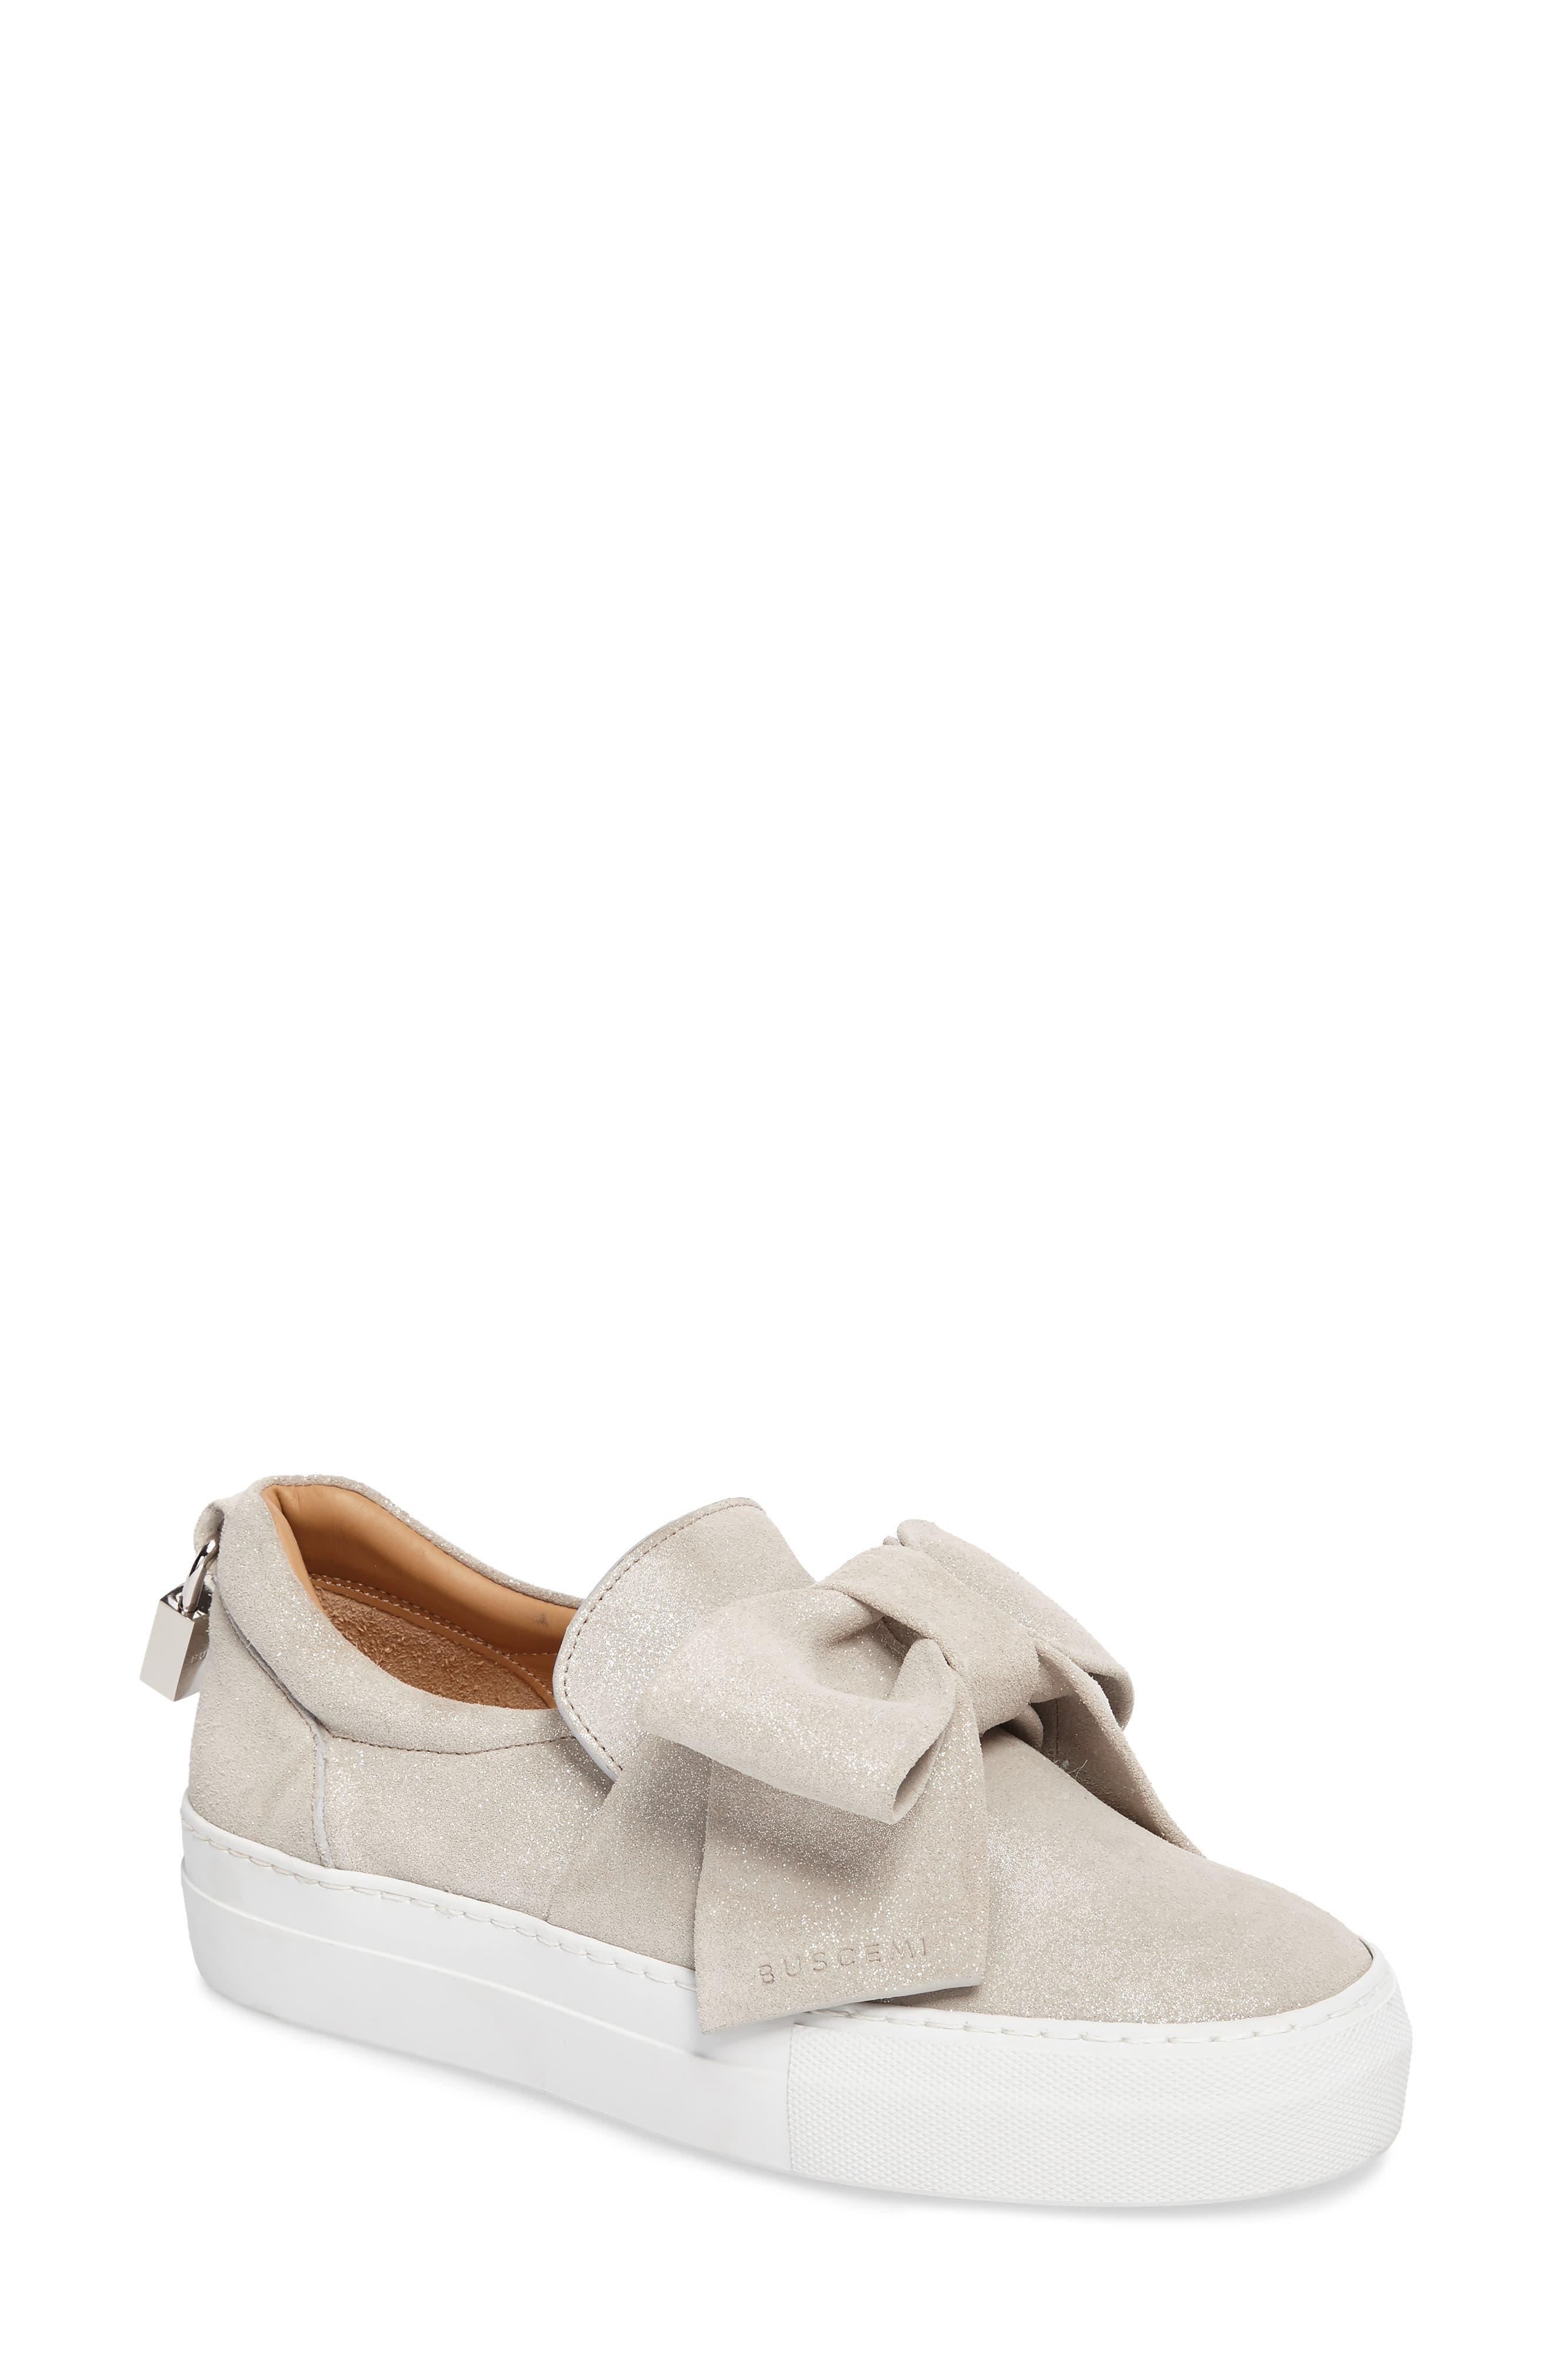 Buscemi Bow Slip-On Sneaker (Women)